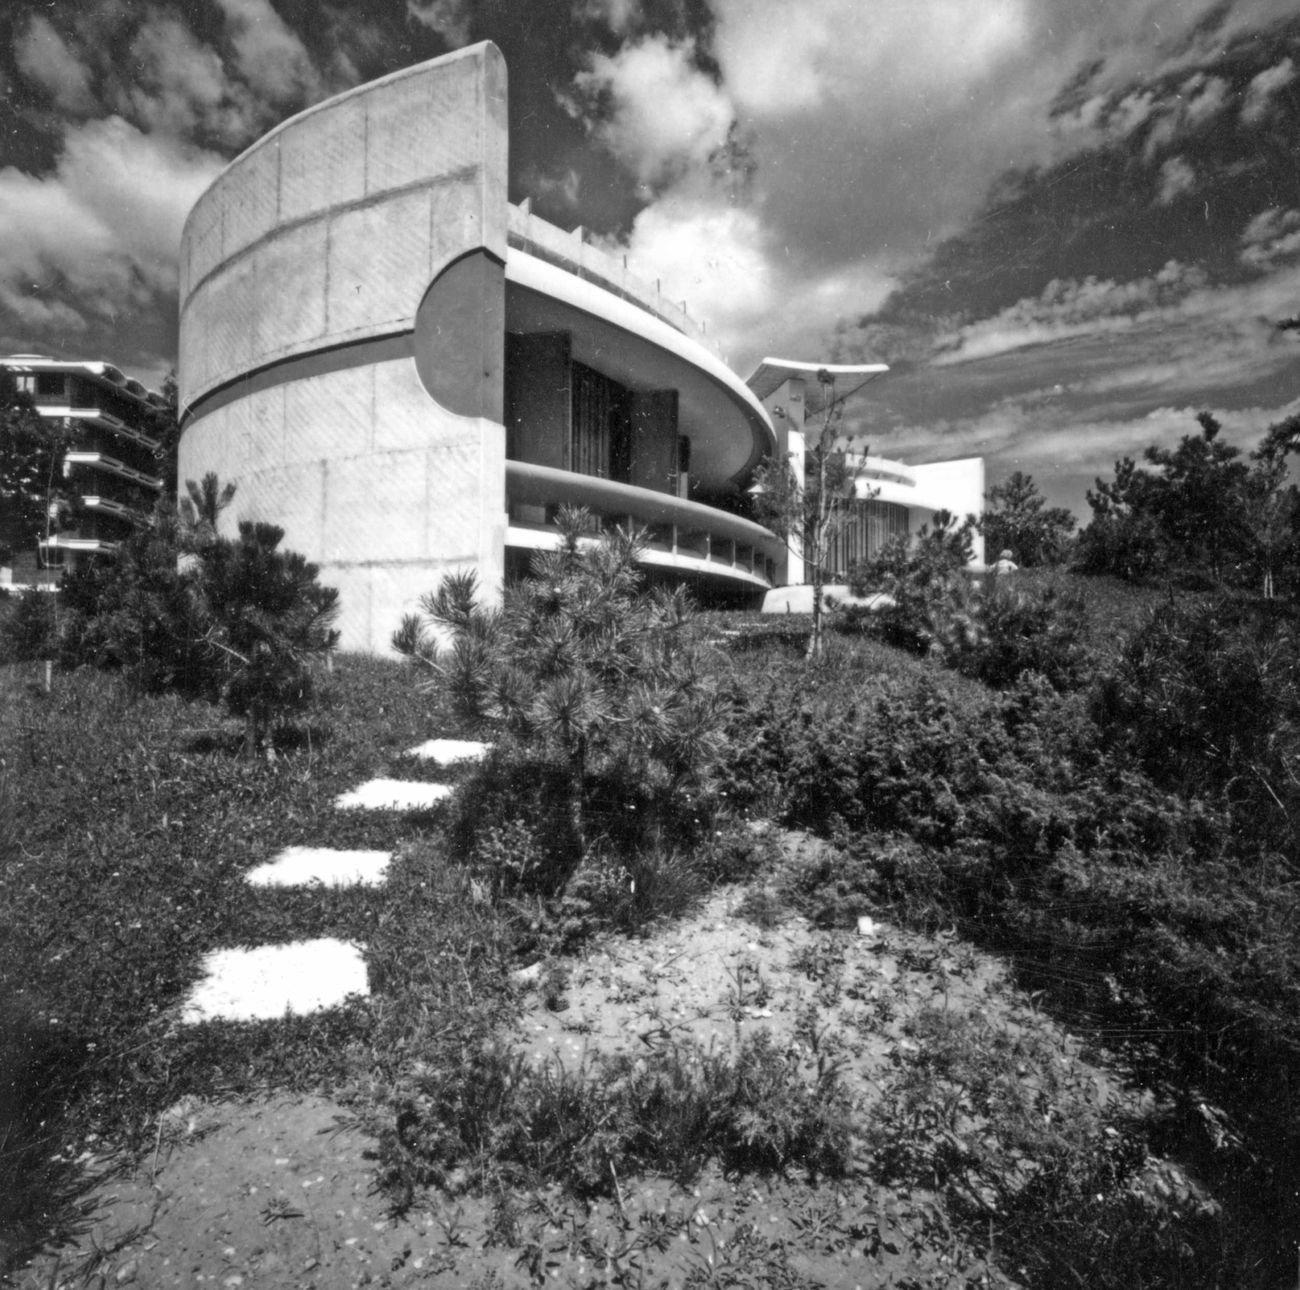 Marcello D'Olivo, Villa Spezzotti a Lignano Pineta. Photo Italo Zannier. Courtesy Archivio D'Olivo, Gallerie del Progetto, Civici Musei di Udine